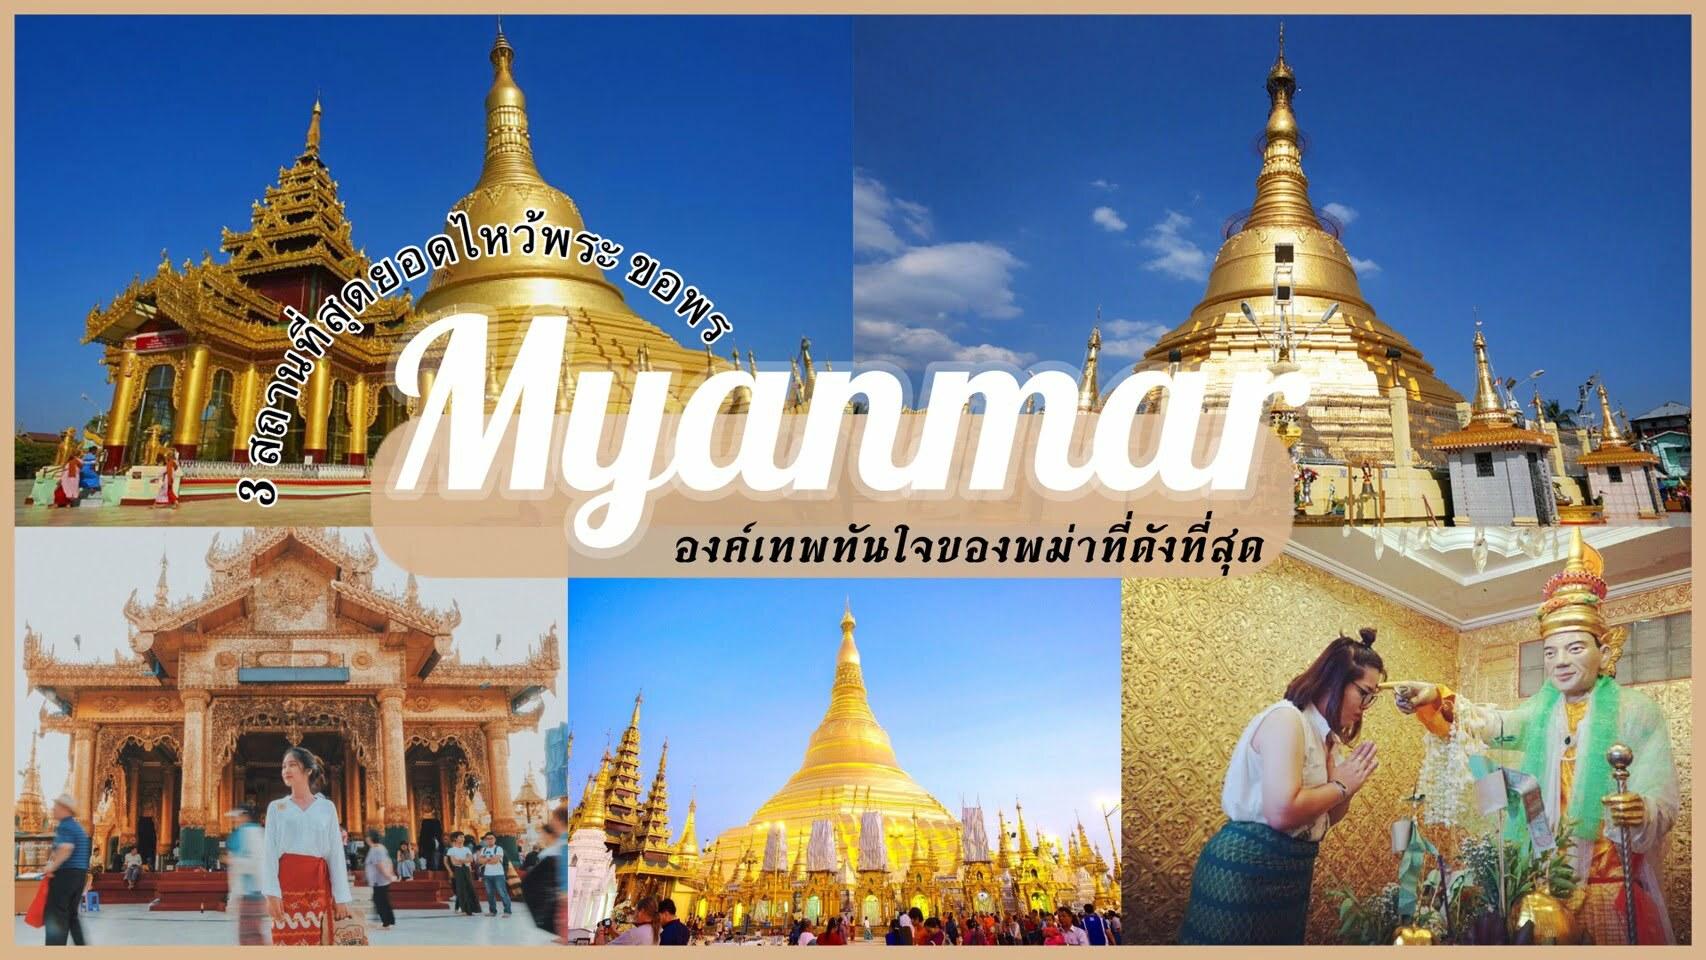 ทัวร์พม่า – 3 สถานที่สุดยอด องค์เทพทันใจพม่า ที่ควรค่าแก่การไปขอพรให้ได้!